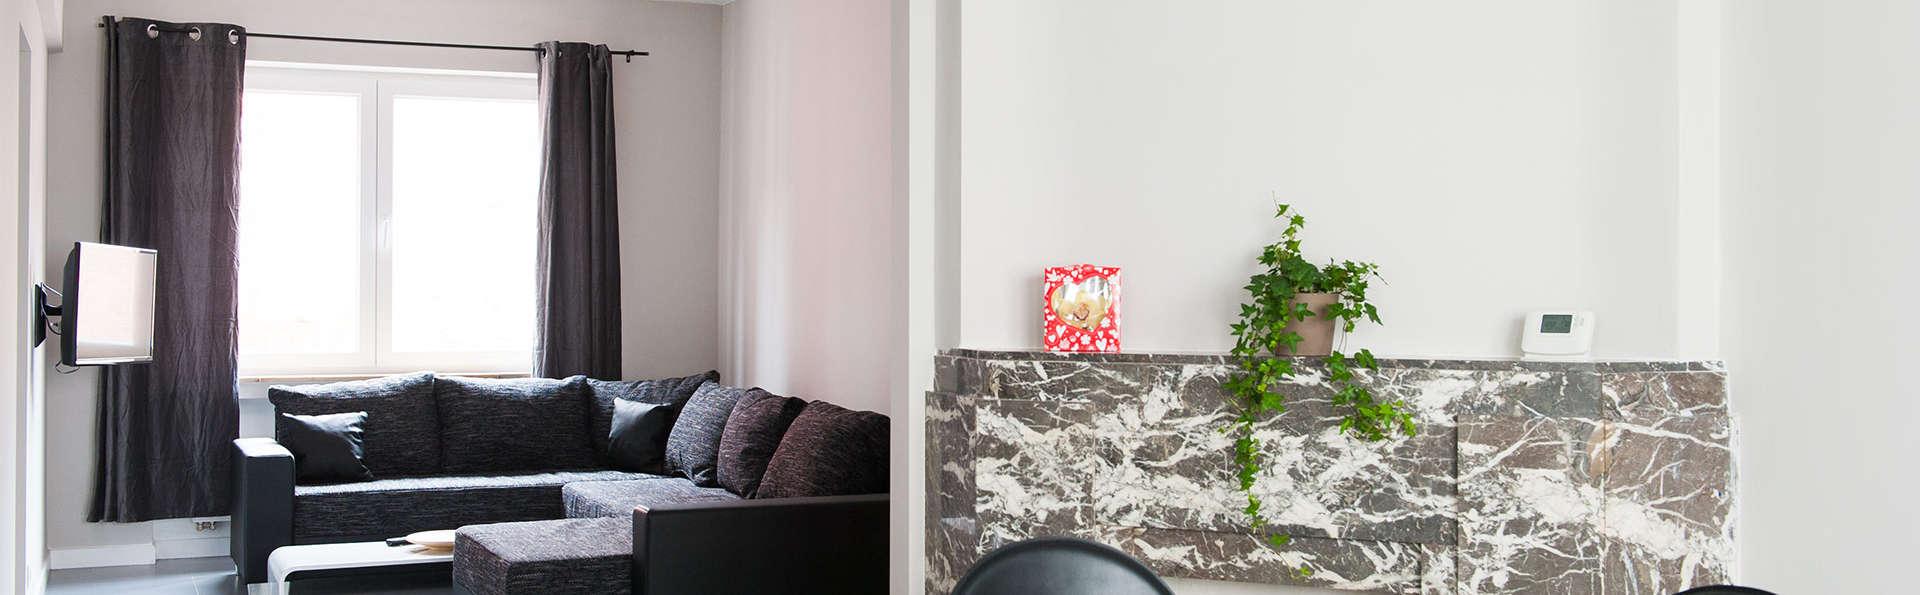 Visitez Liège en profitant d'un appartement